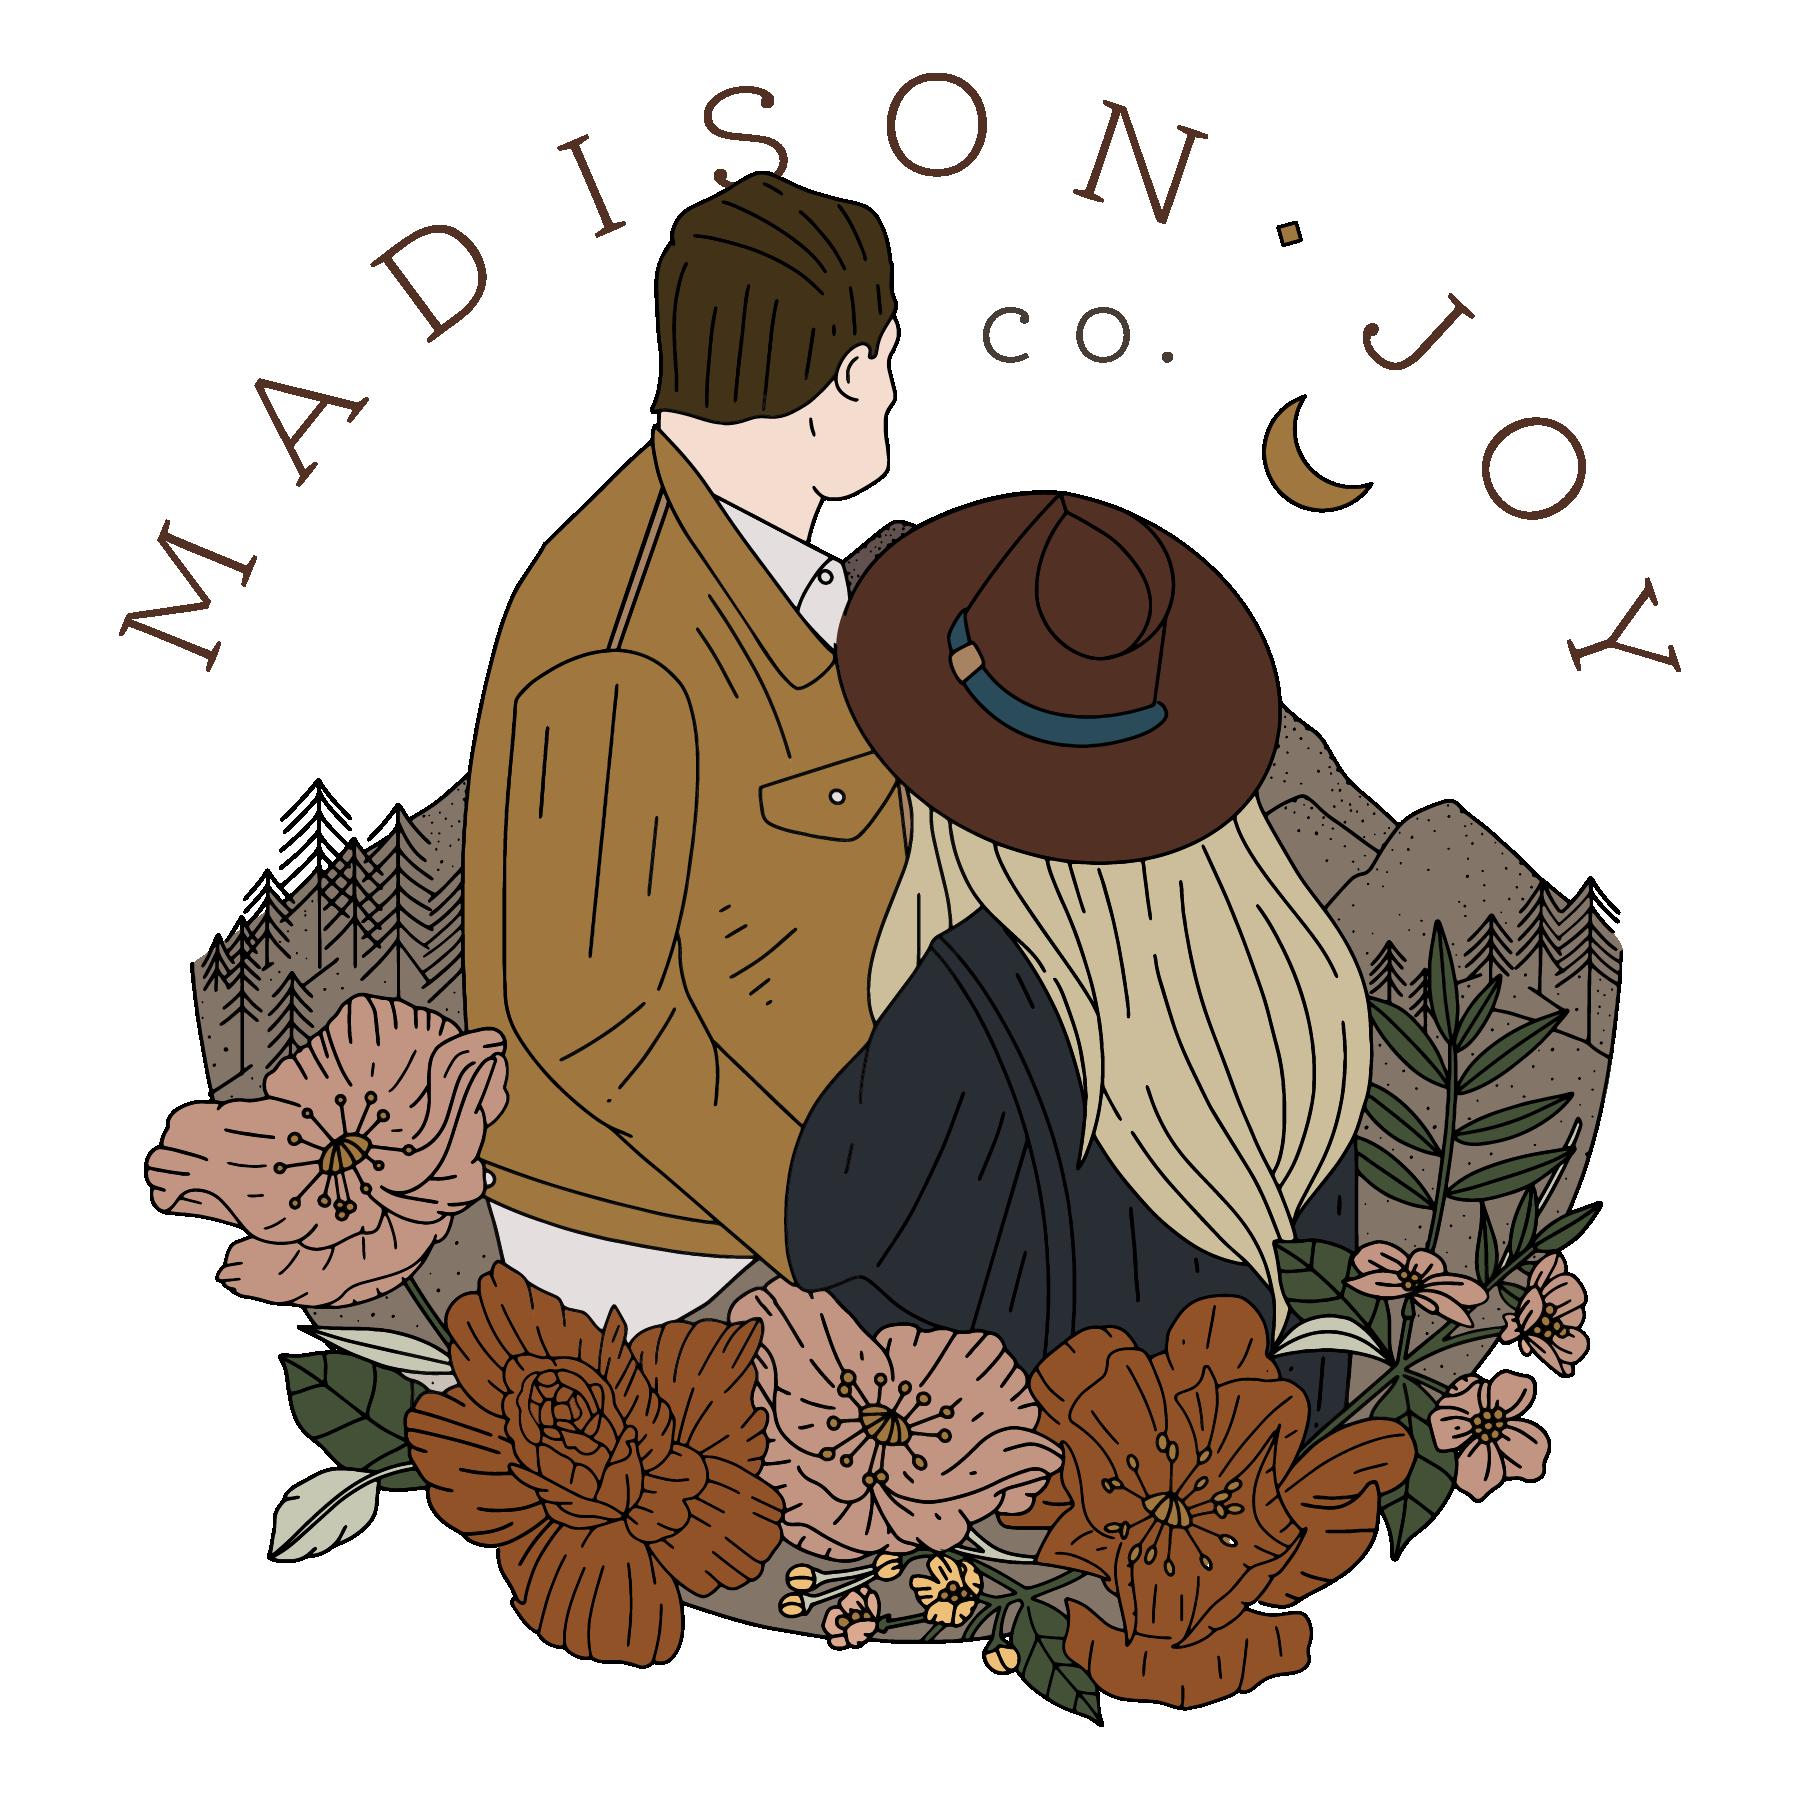 Madison Joy Co.